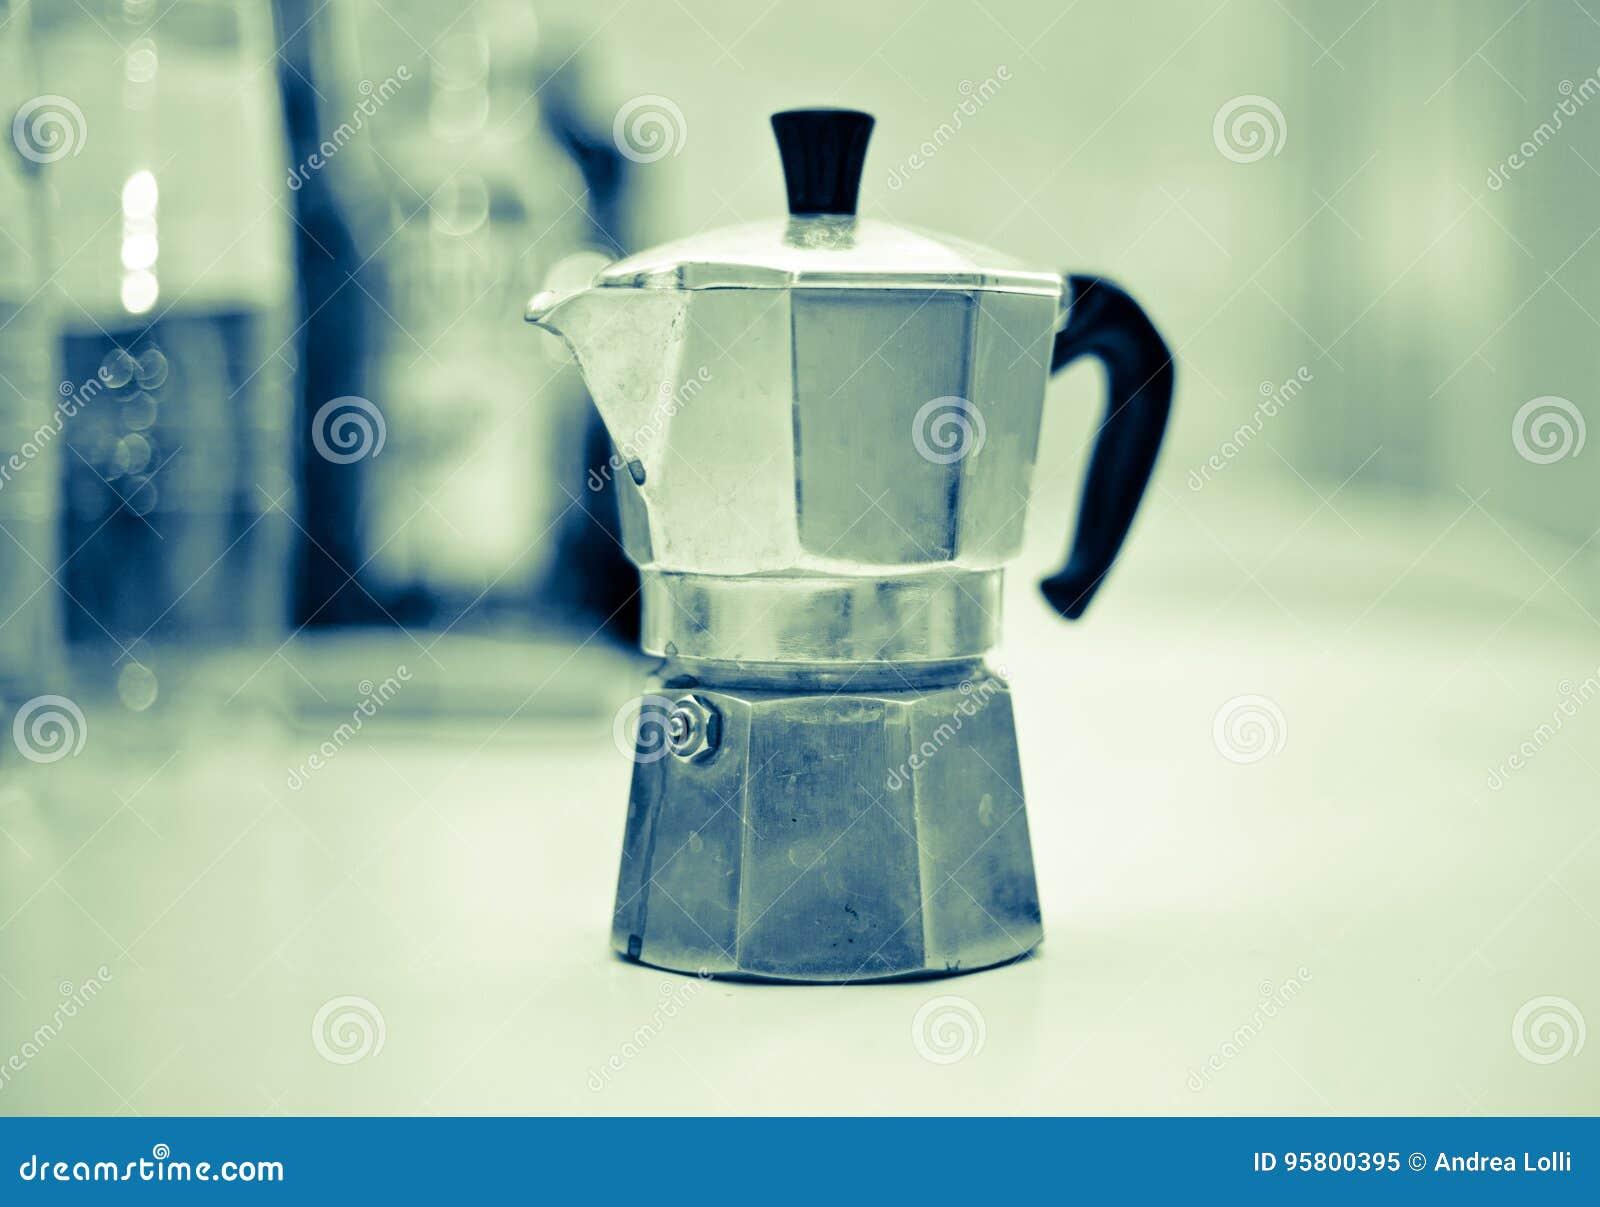 Descanso para tomar café con el blac italiano del cafeína de la energía de la buena mañana del moka